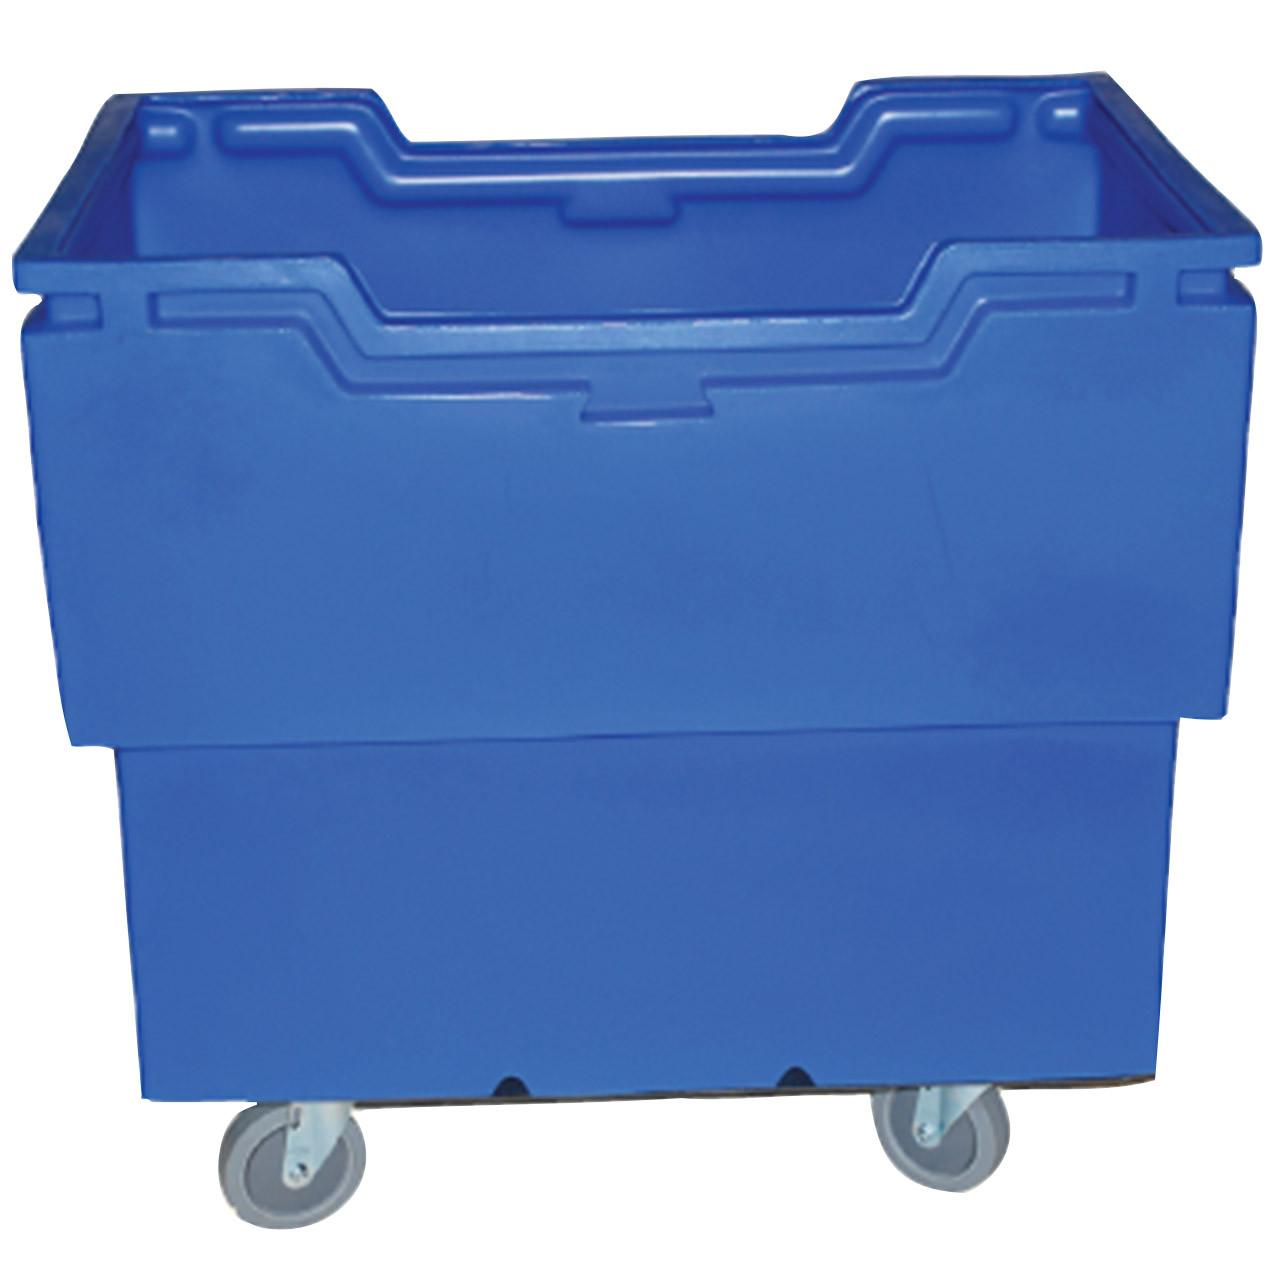 Heavy Duty Utility-Trux Bin Cart Blue Side View